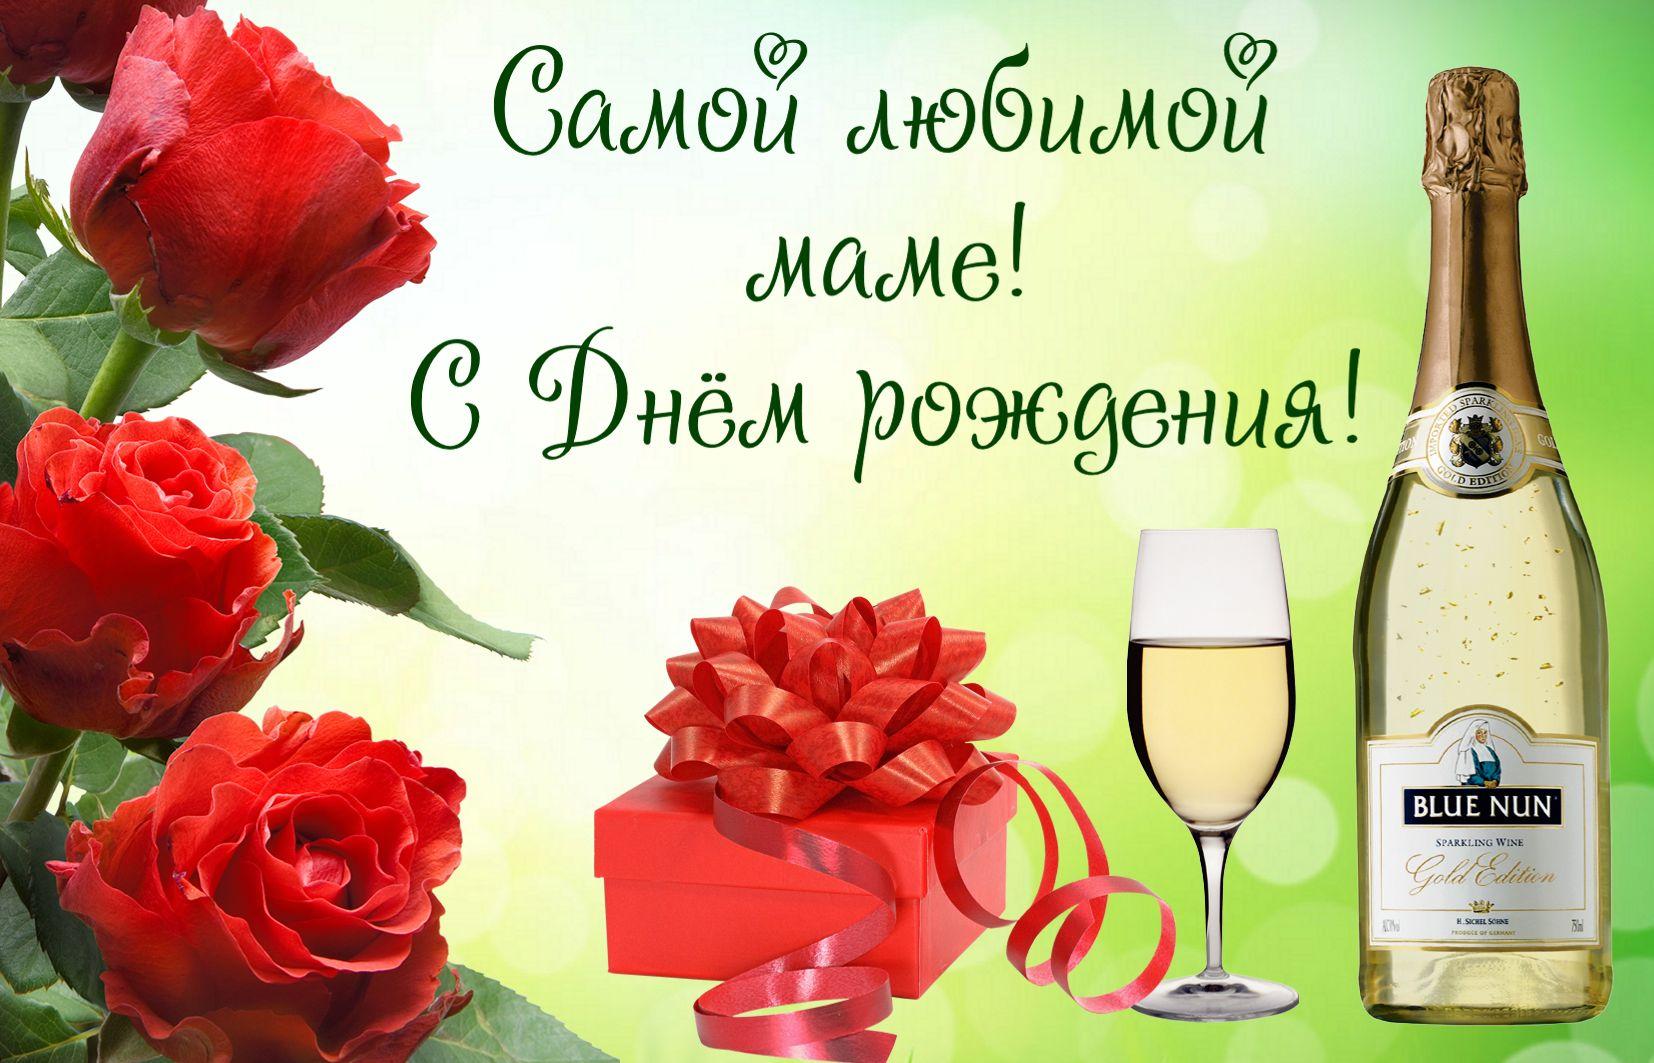 Открытка с Днём рождения - розы и шампанское для любимой мамы